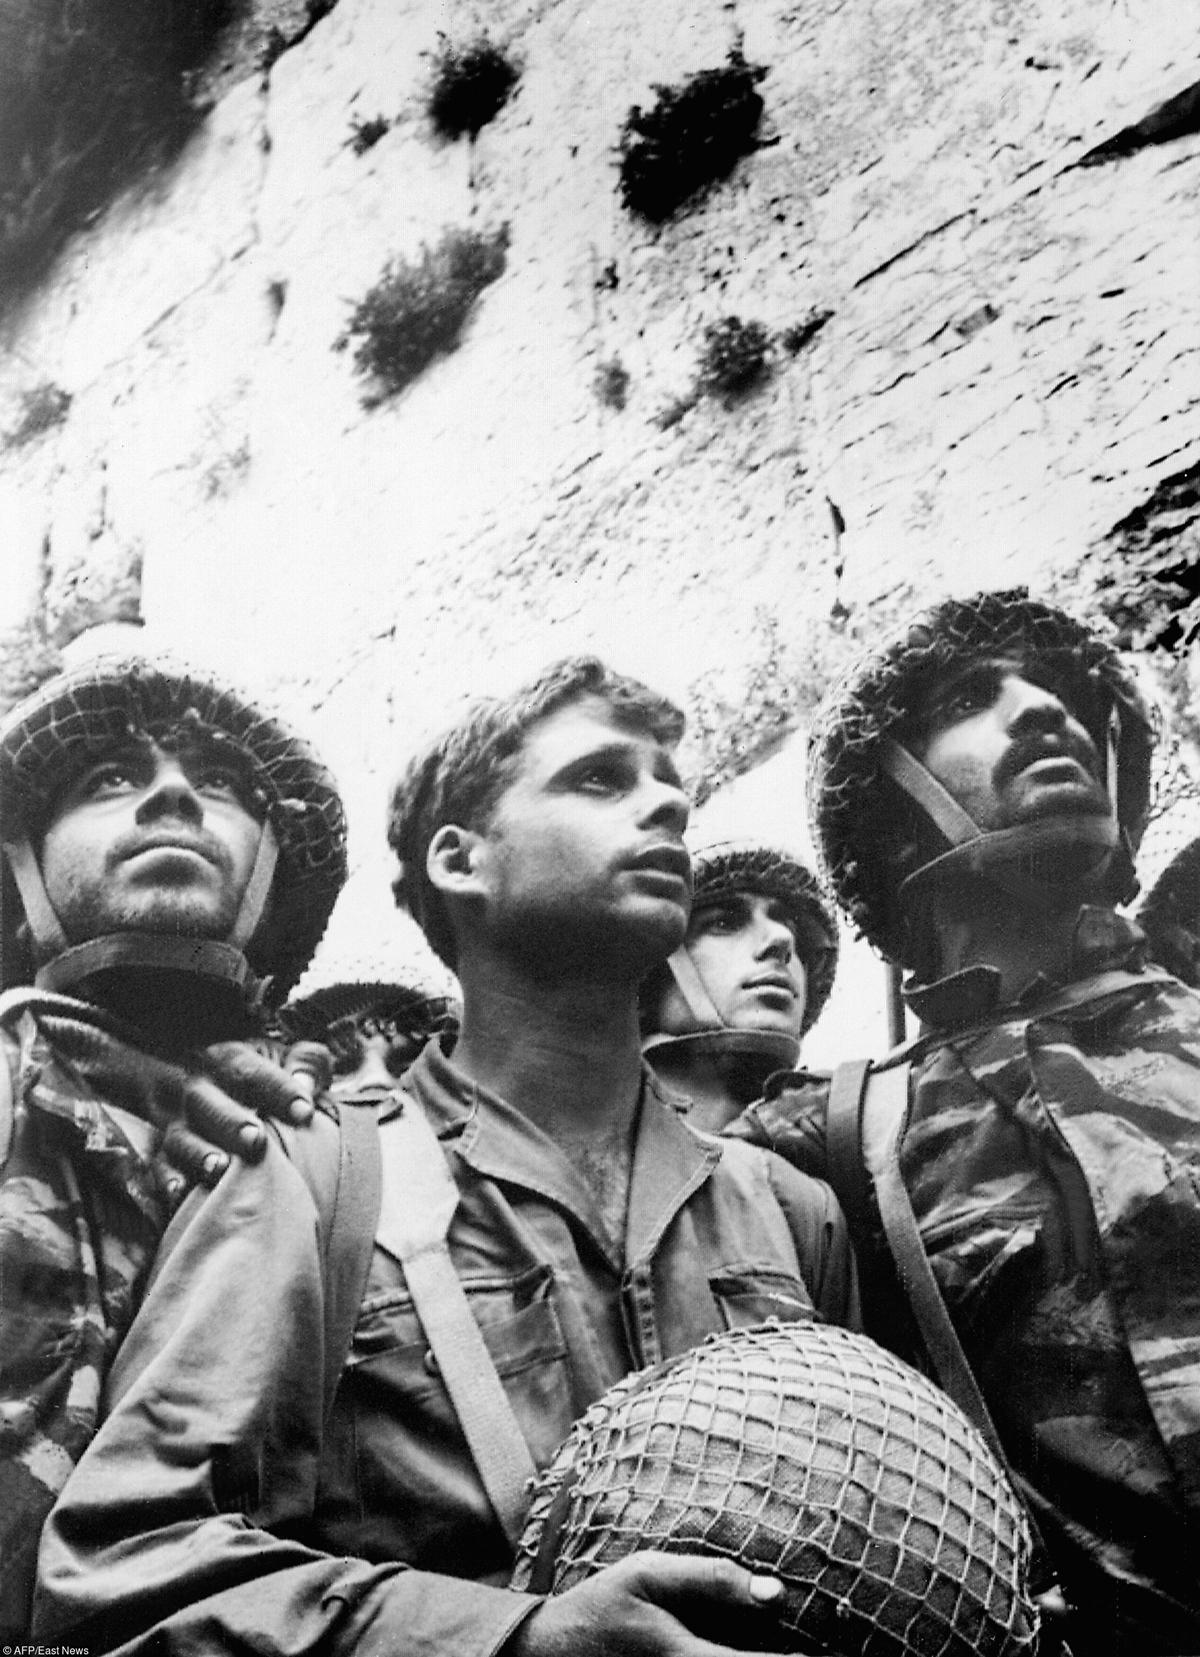 Солдаты Армии обороны ИзраиляуСтены Плача в Иерусалиме,9 июня 1967 года Фото: AP/EAST NEWS